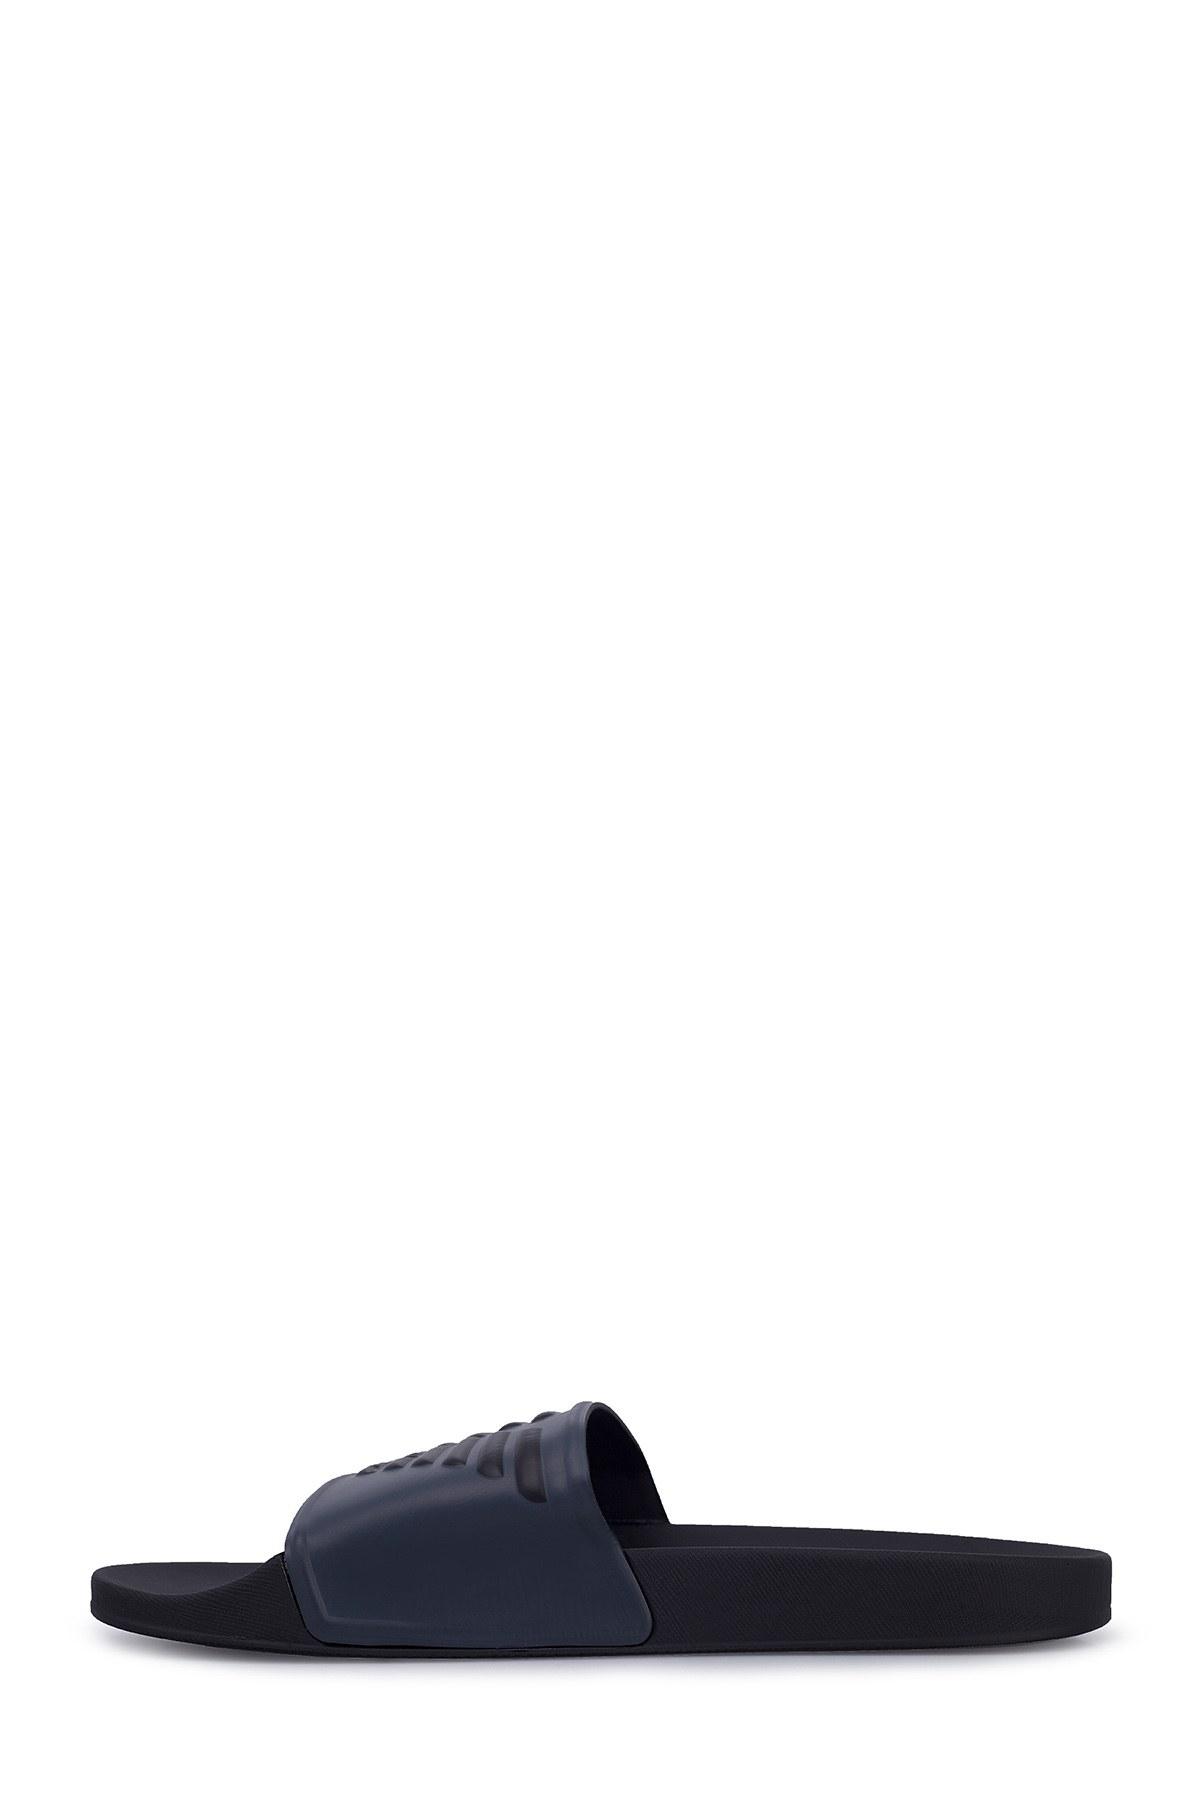 Emporio Armani Erkek Terlik X4PS01 XL828 K474 SİYAH